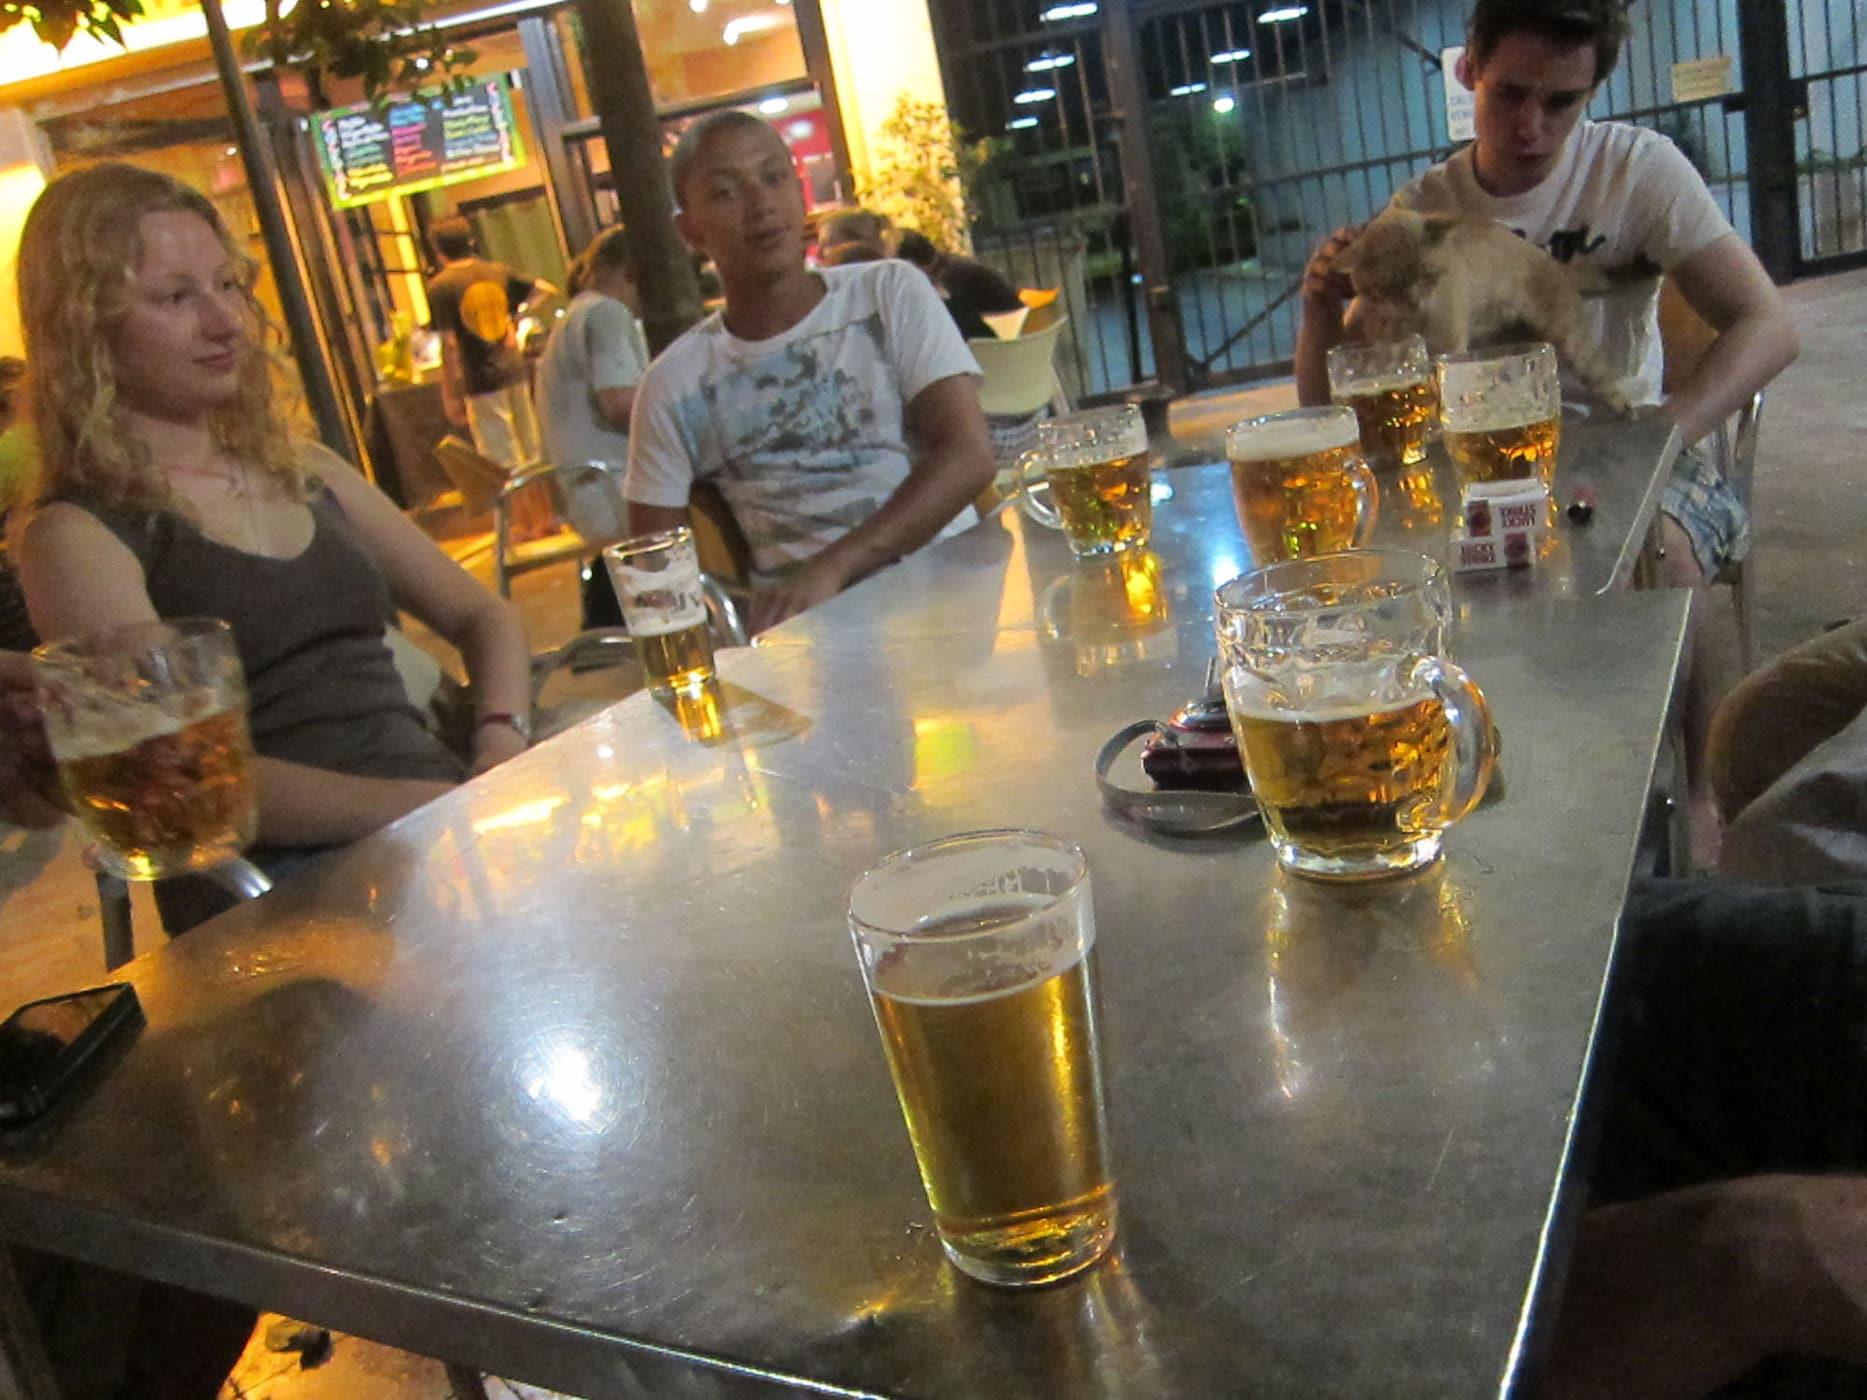 Getting beers in Sevilla, Spain